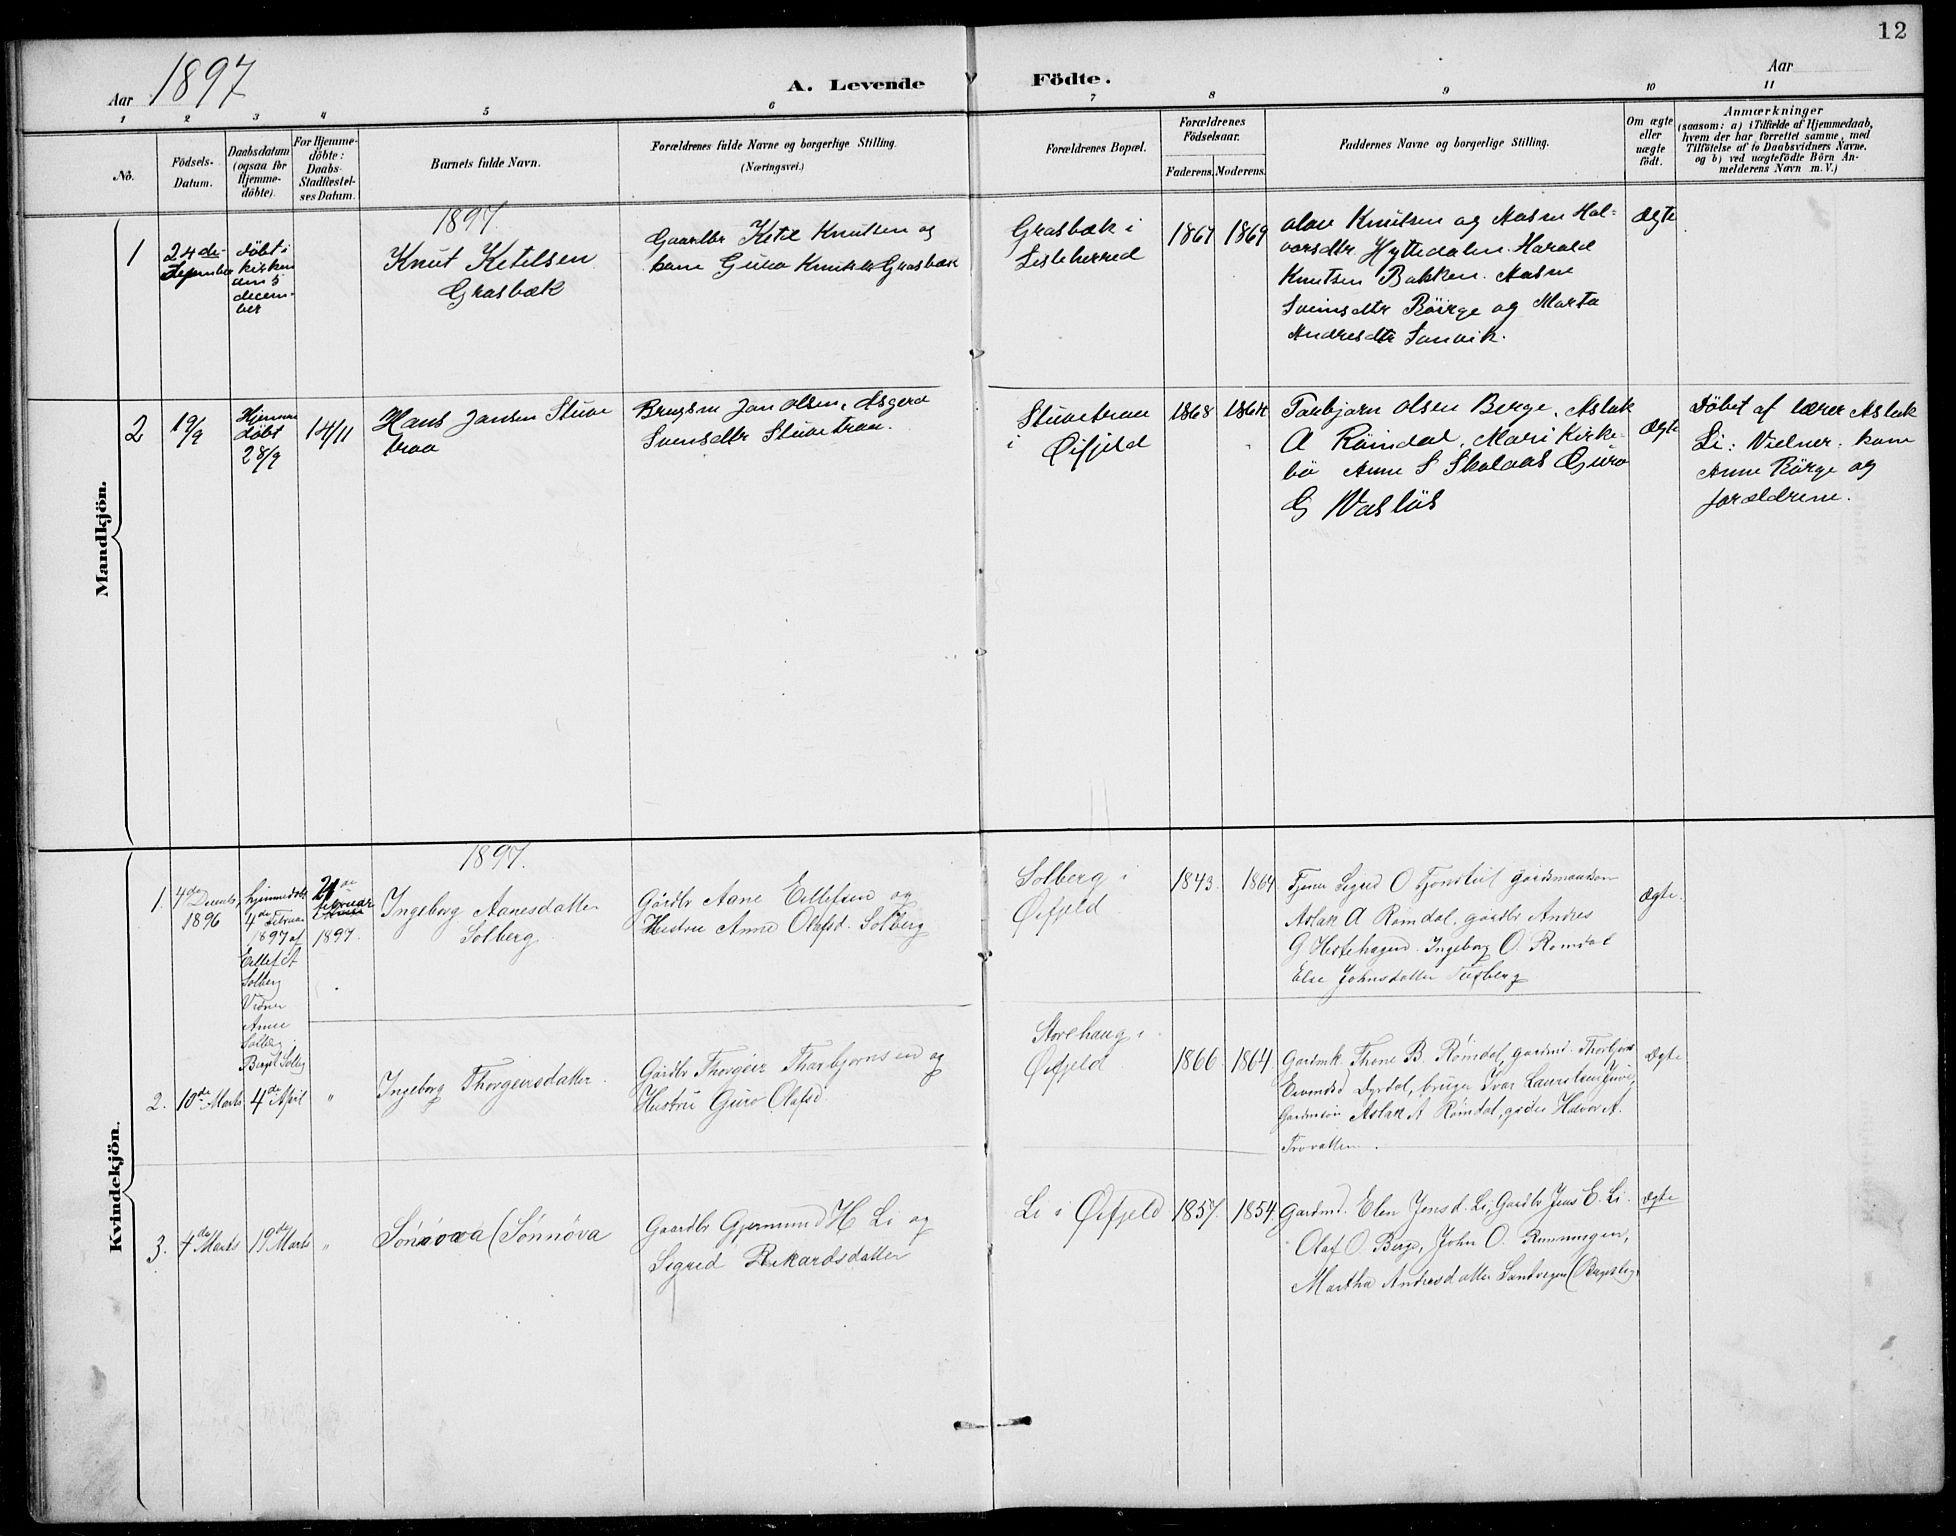 SAKO, Rauland kirkebøker, G/Gb/L0002: Klokkerbok nr. II 2, 1887-1937, s. 12